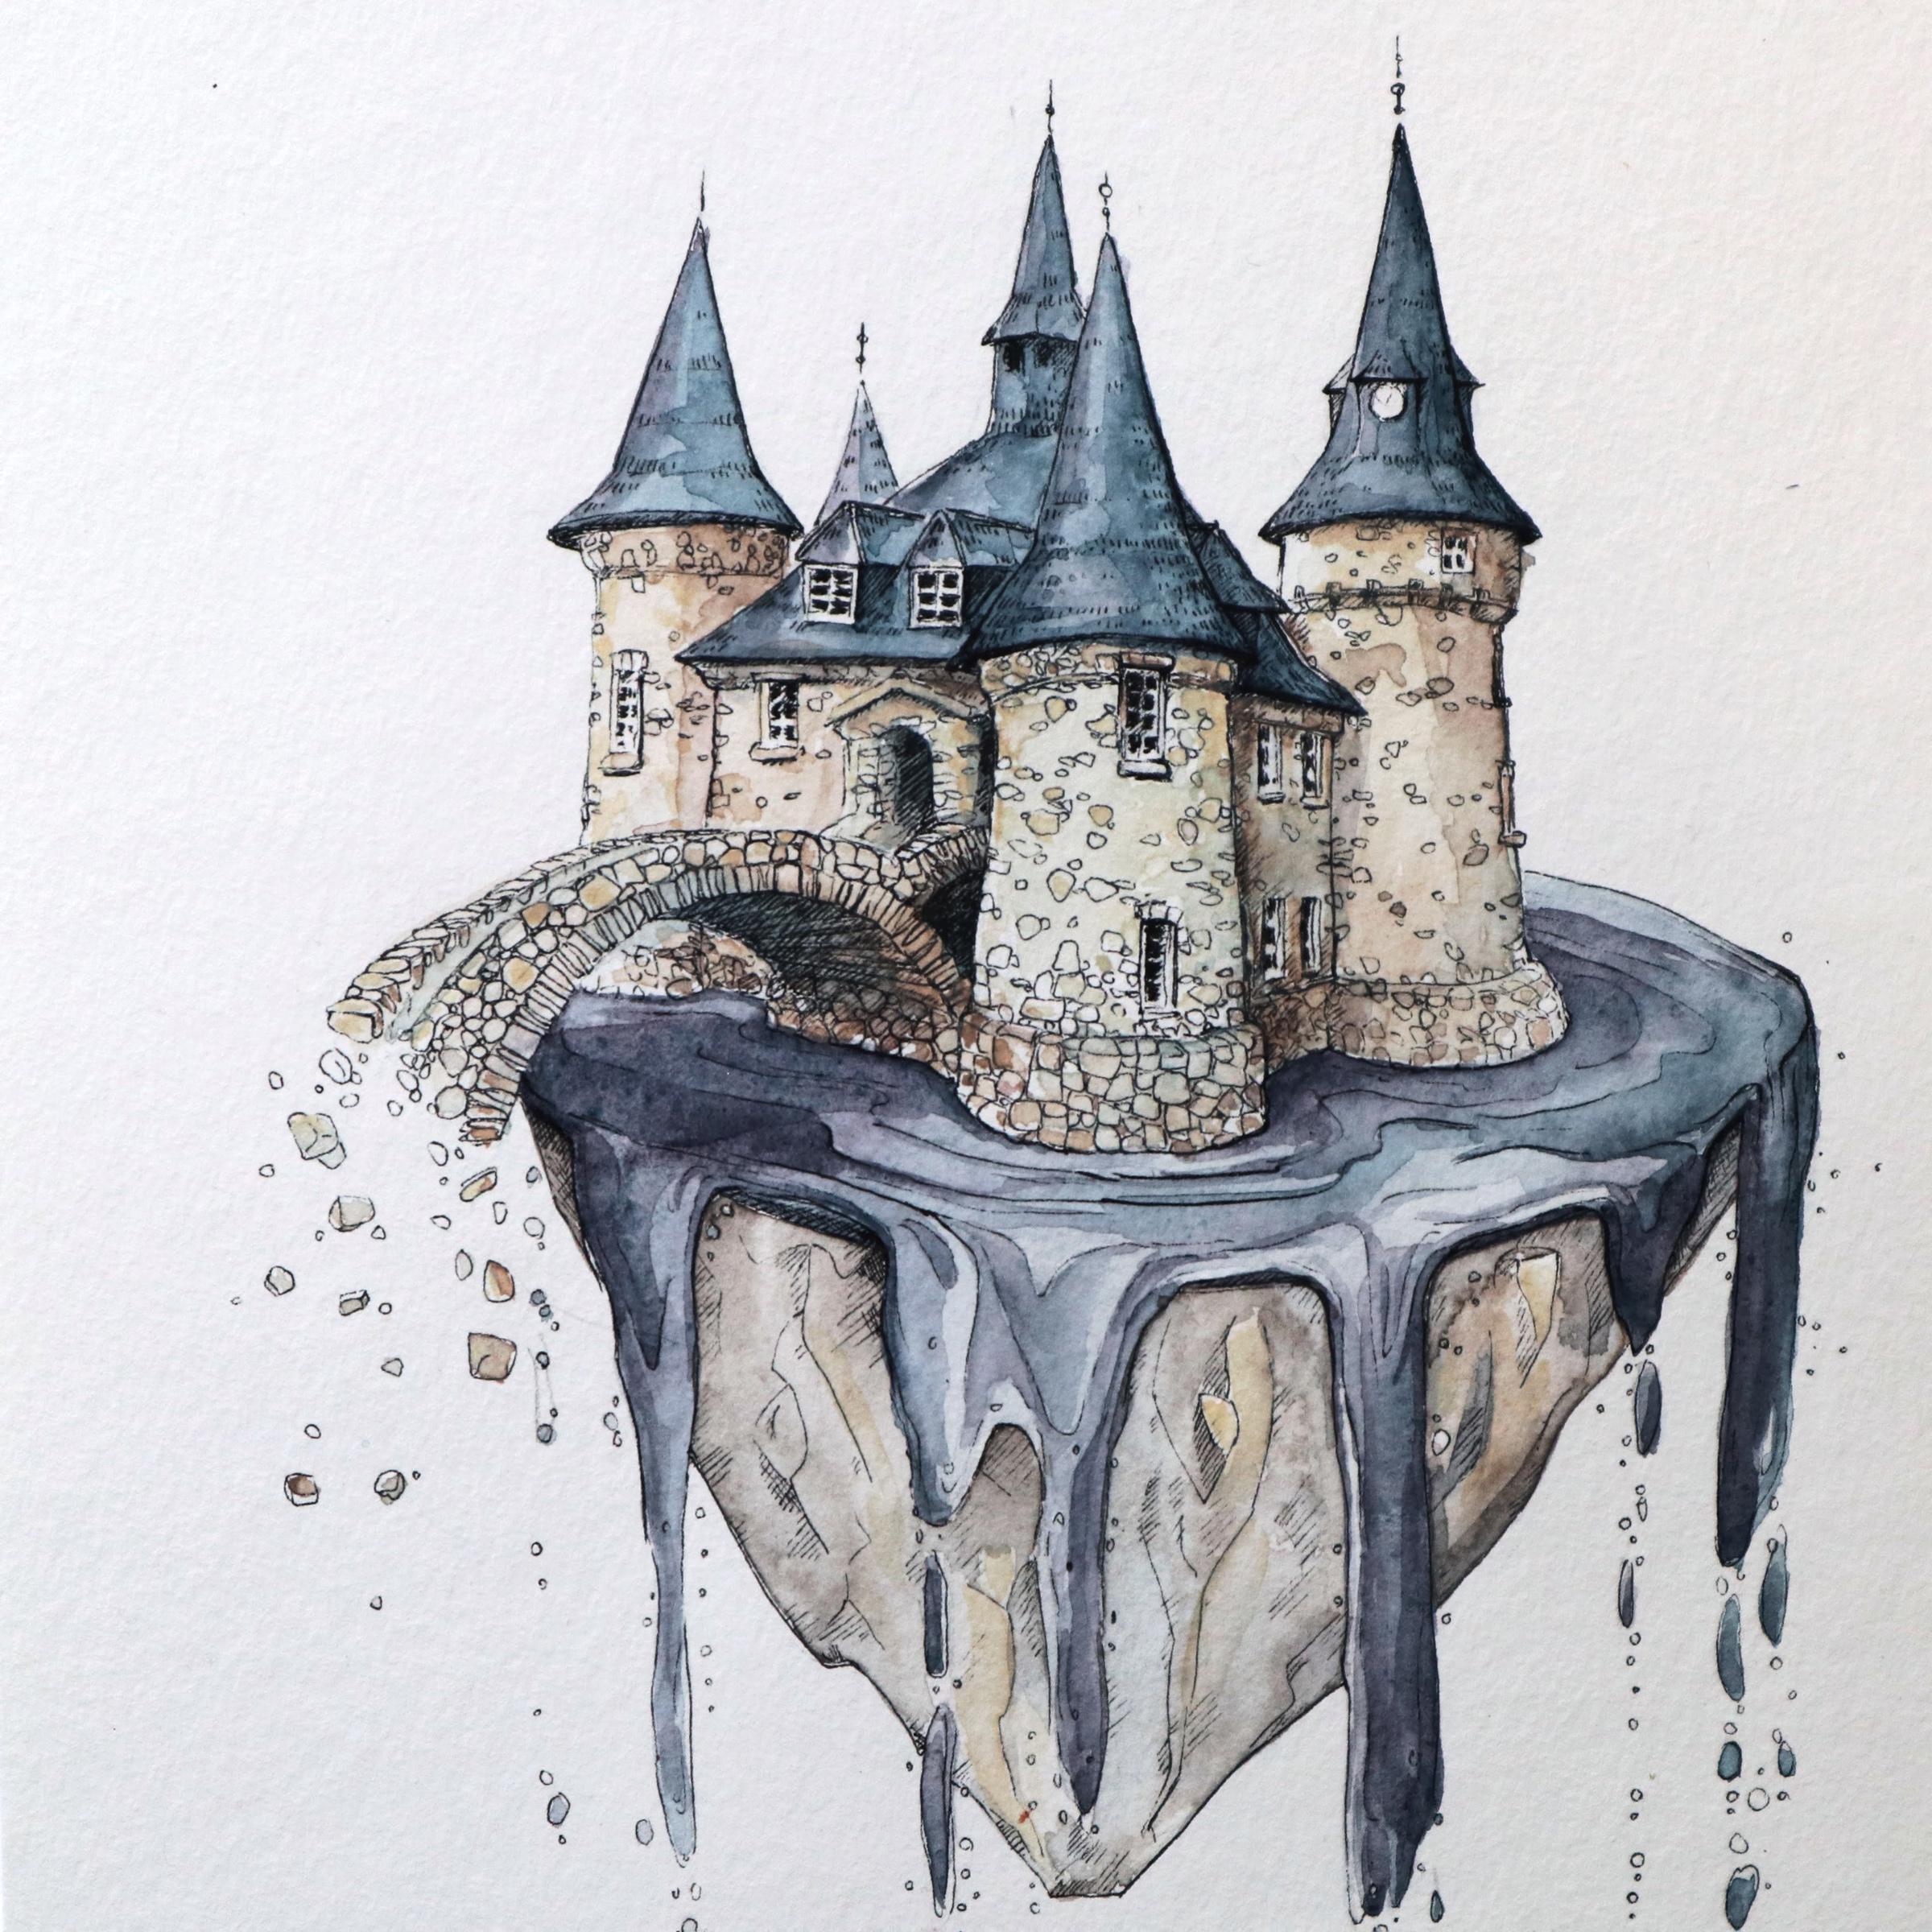 Mauerwerk mit Grau- und Brauntönen warm gehalten, während Ziegel und Wasser mit kälteren Blau-Violetttönen koloriert sind.